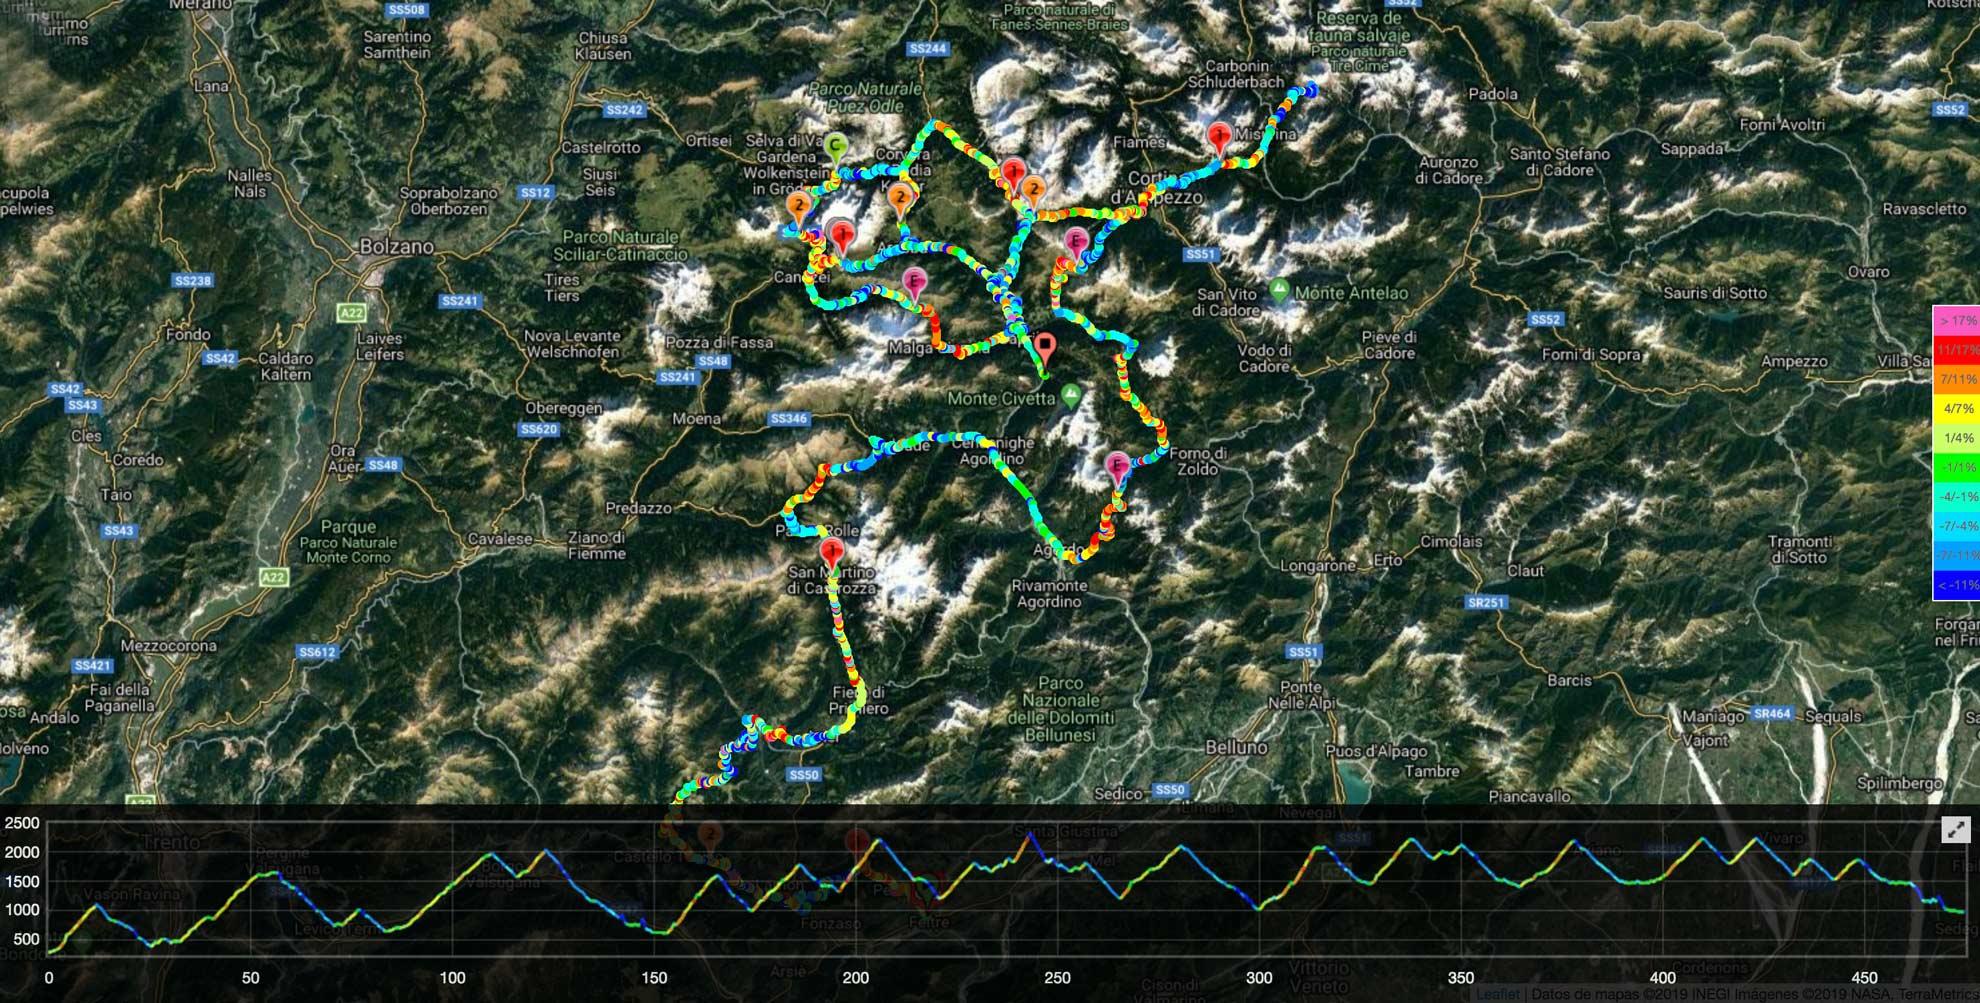 Recorrido de la ruta cicloturista en Dolomitas